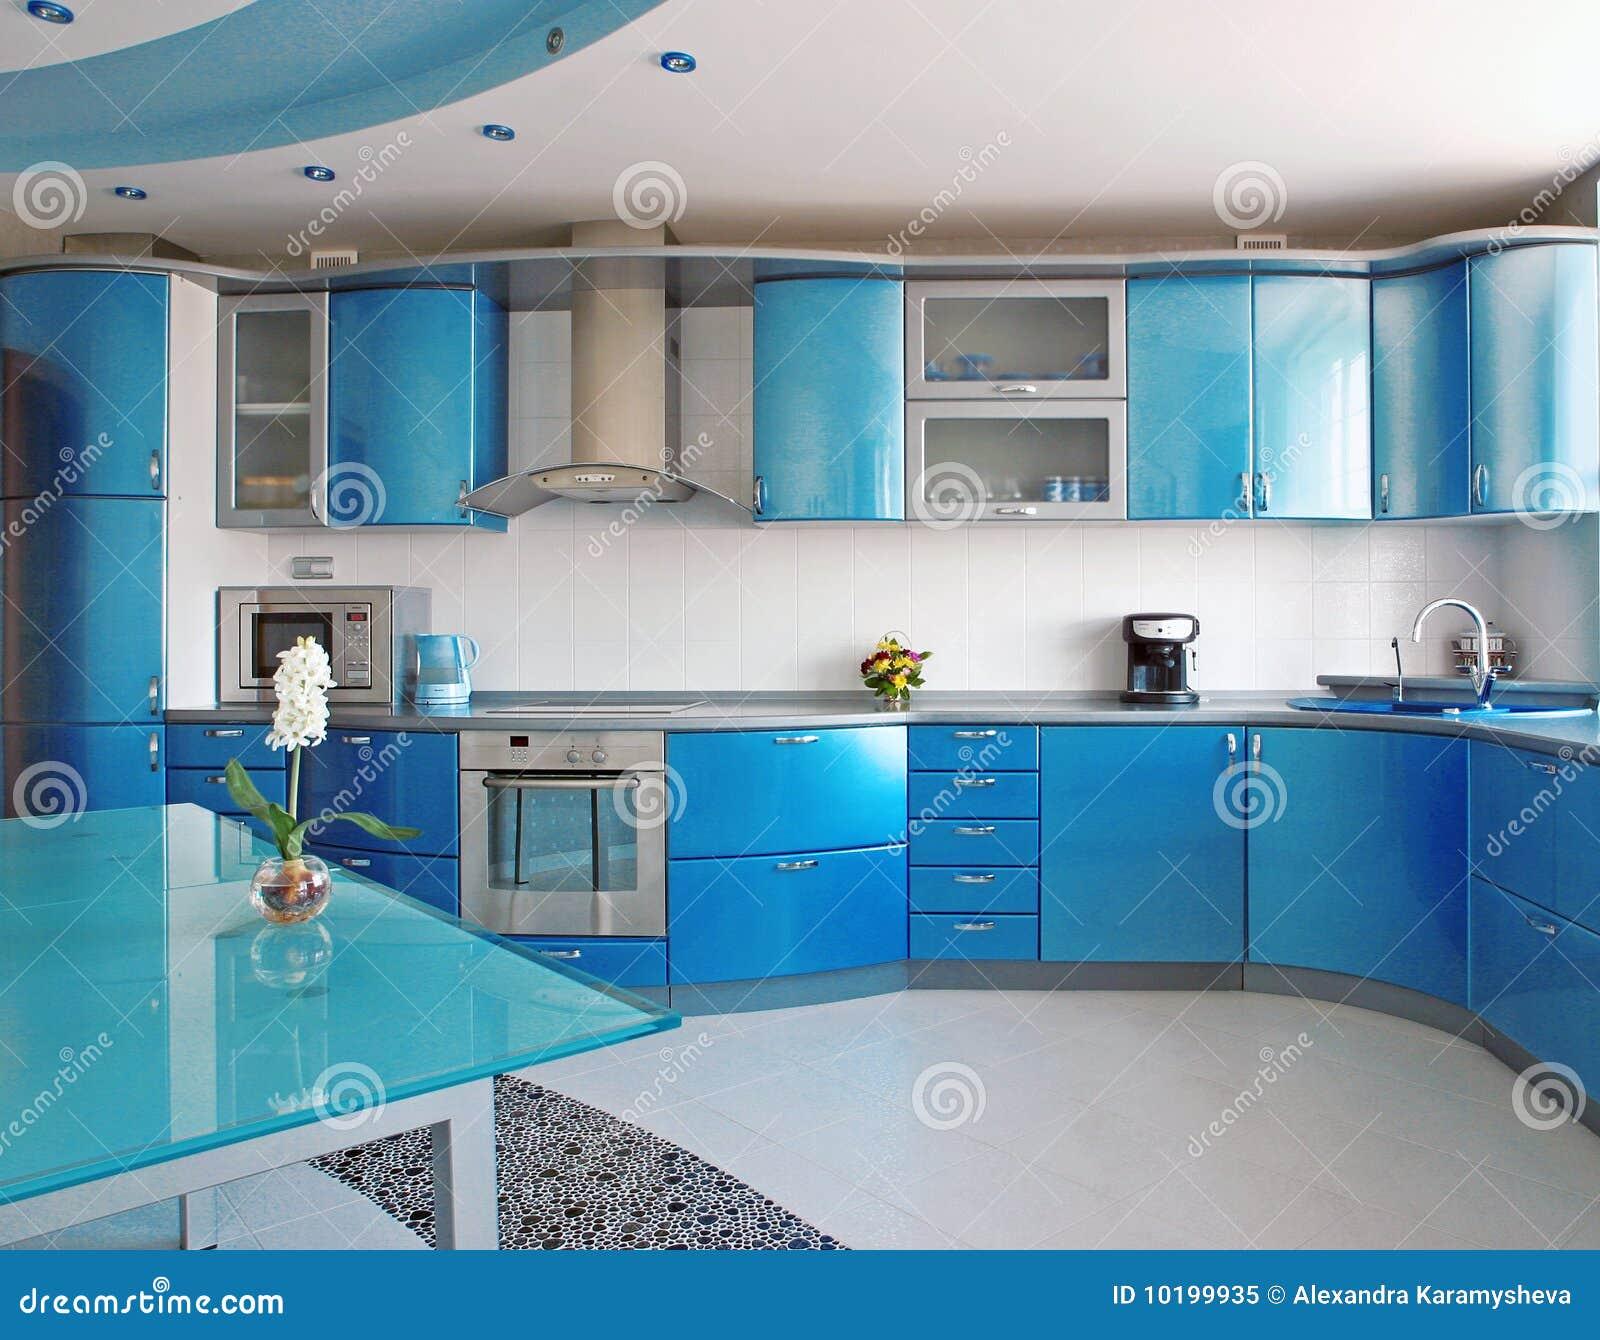 blått kök : gardiner,förster,blått,brunt,beige,vitt,tofs,blommor ...